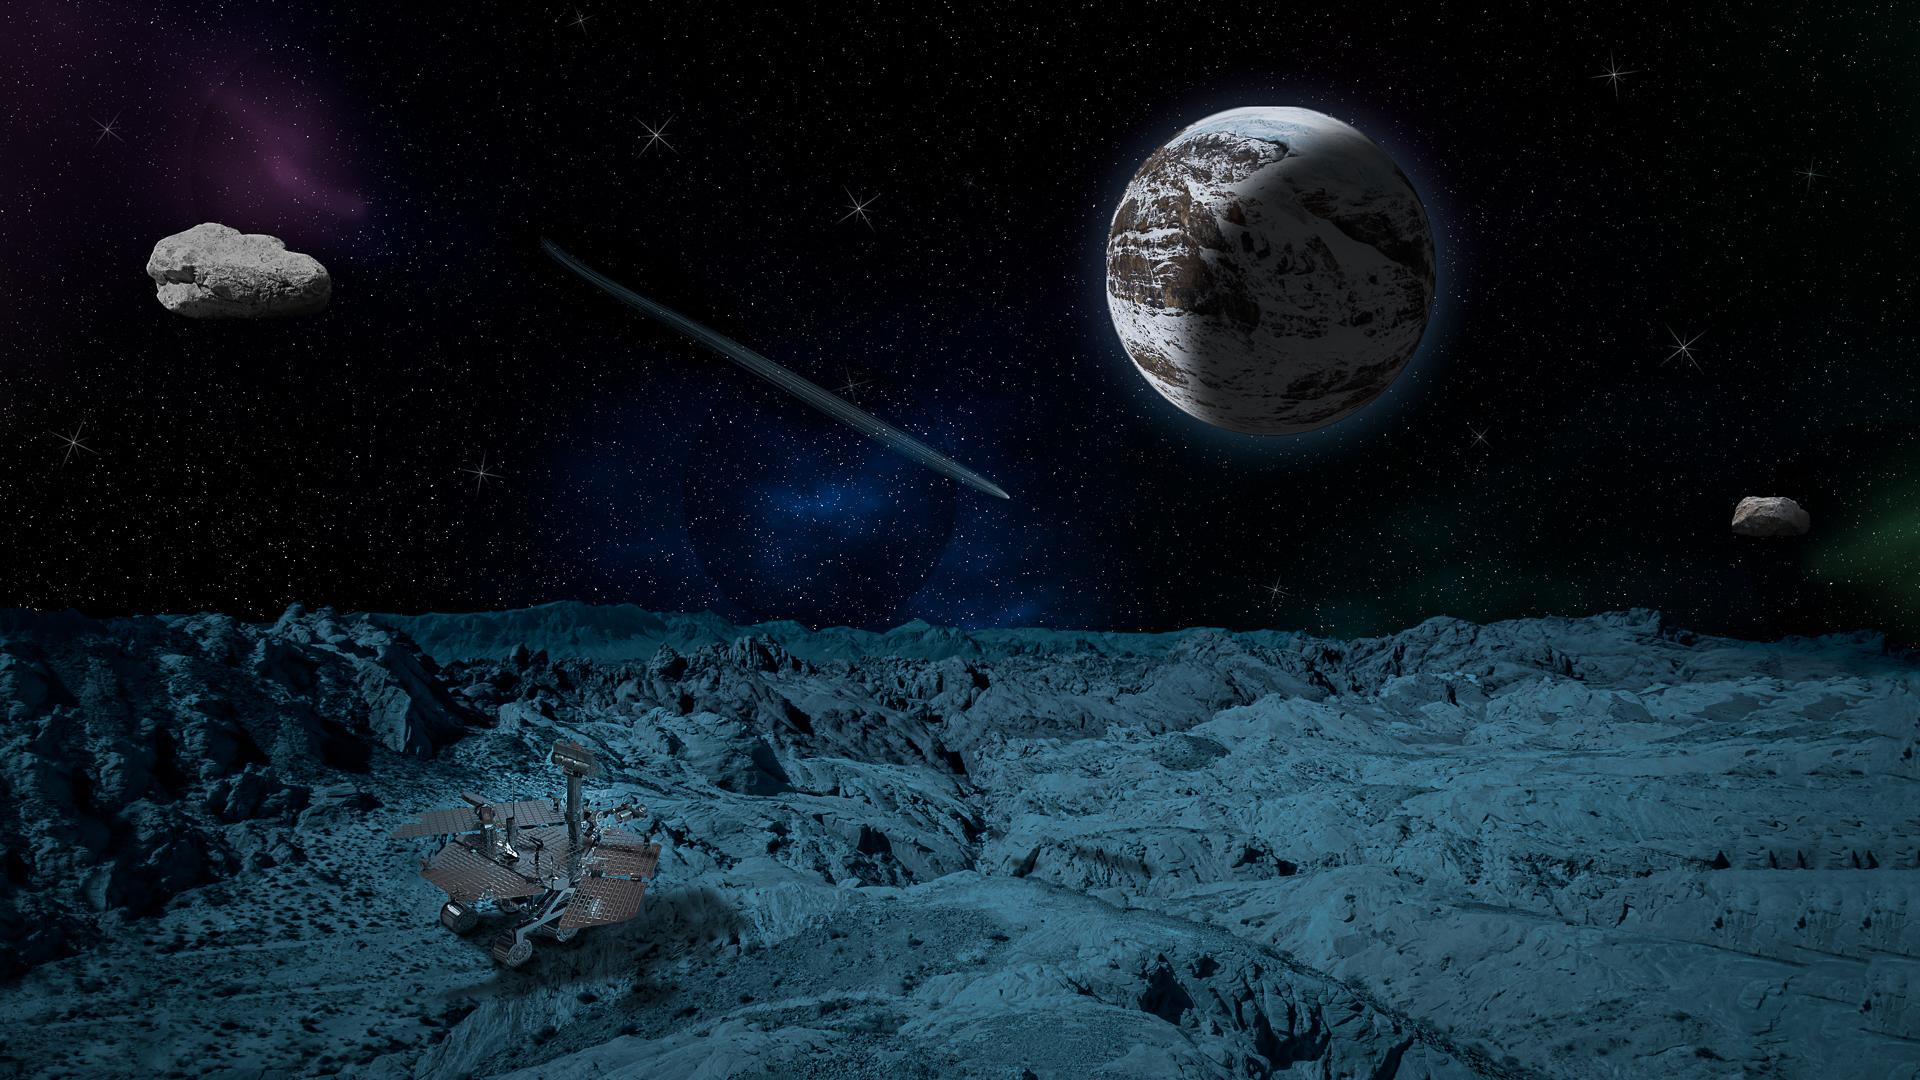 Exploring Alien Worlds